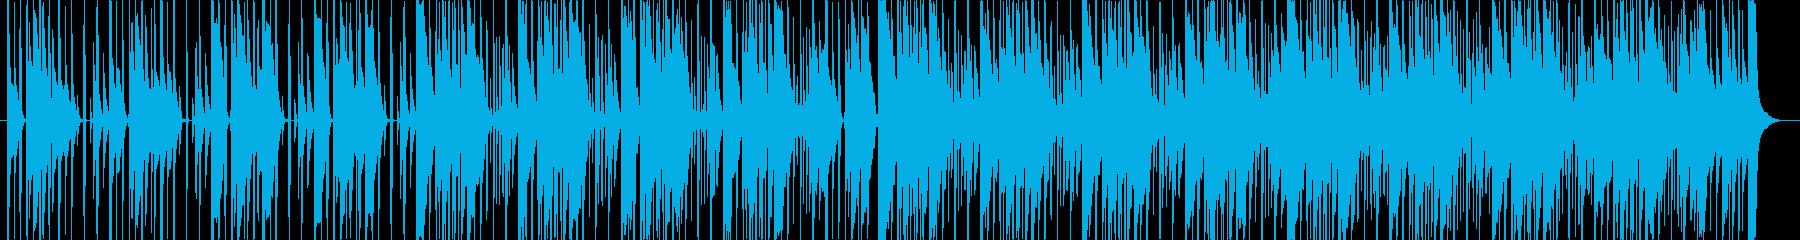 三味線と琴の約1分間の力強い曲の再生済みの波形